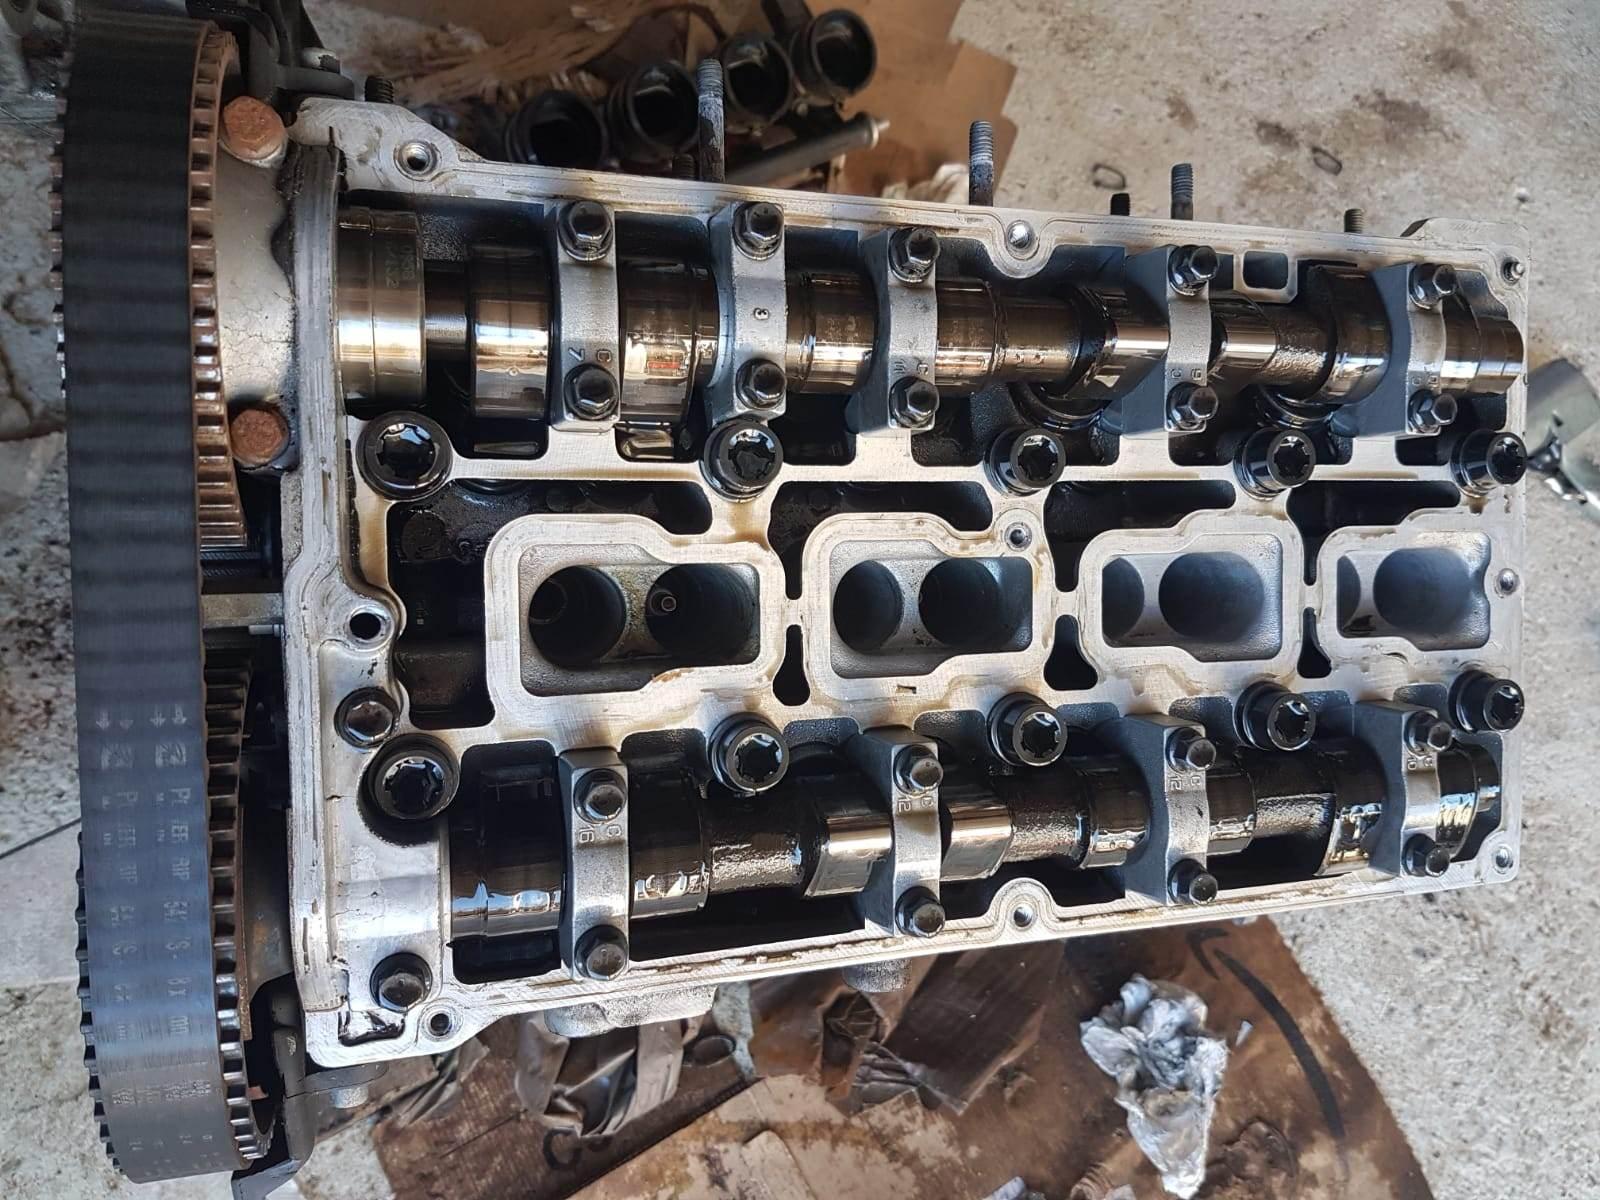 foto Consumo perdita/olio, riparare o sostituire motore? - 2